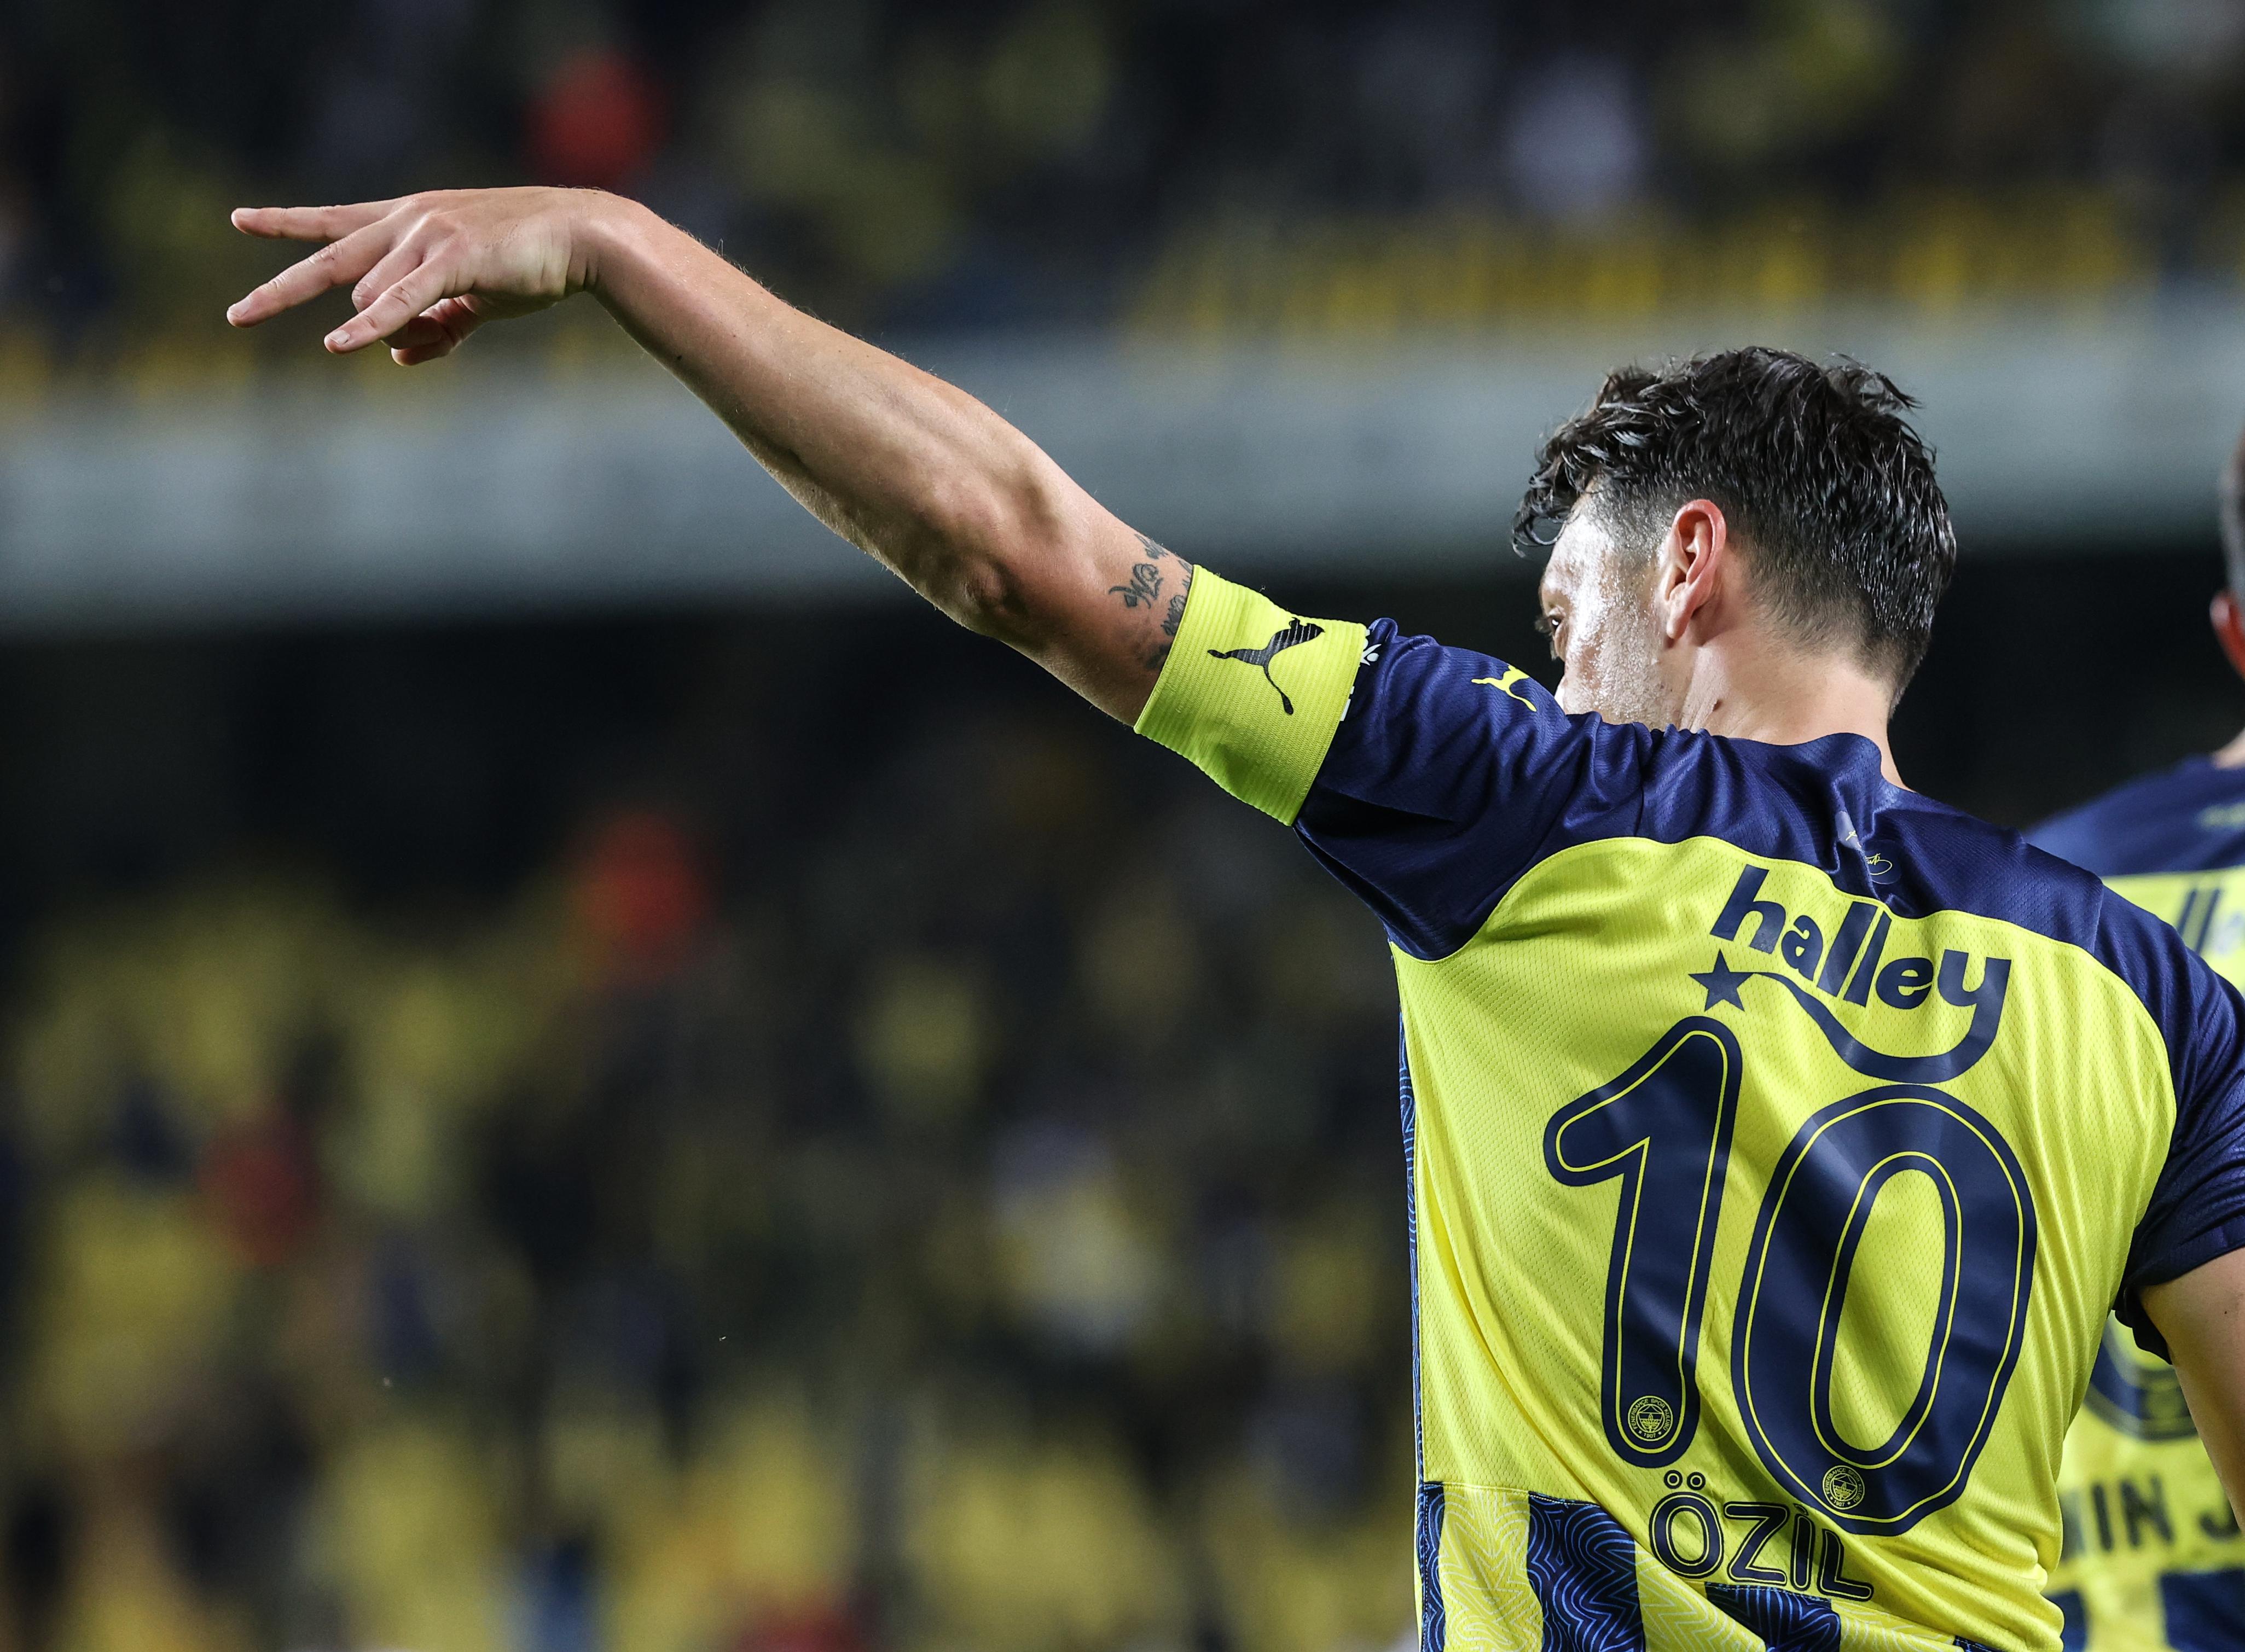 <p>Fenerbahçe ise, Süper Lig'in yeni takımlarından GZT Giresunspor'u Kadıköy'de 2-1 mağlup etti. Ferdi Kadıoğlu ve Mesut Özil'in golleriyle 3 puanı alan sarı-lacivertliler, iki maçlık kazanamama hasretine son verdi. Giresunspor ise bu sezon ligde ilk kez gol sevinci yaşadı.&nbsp;</p>